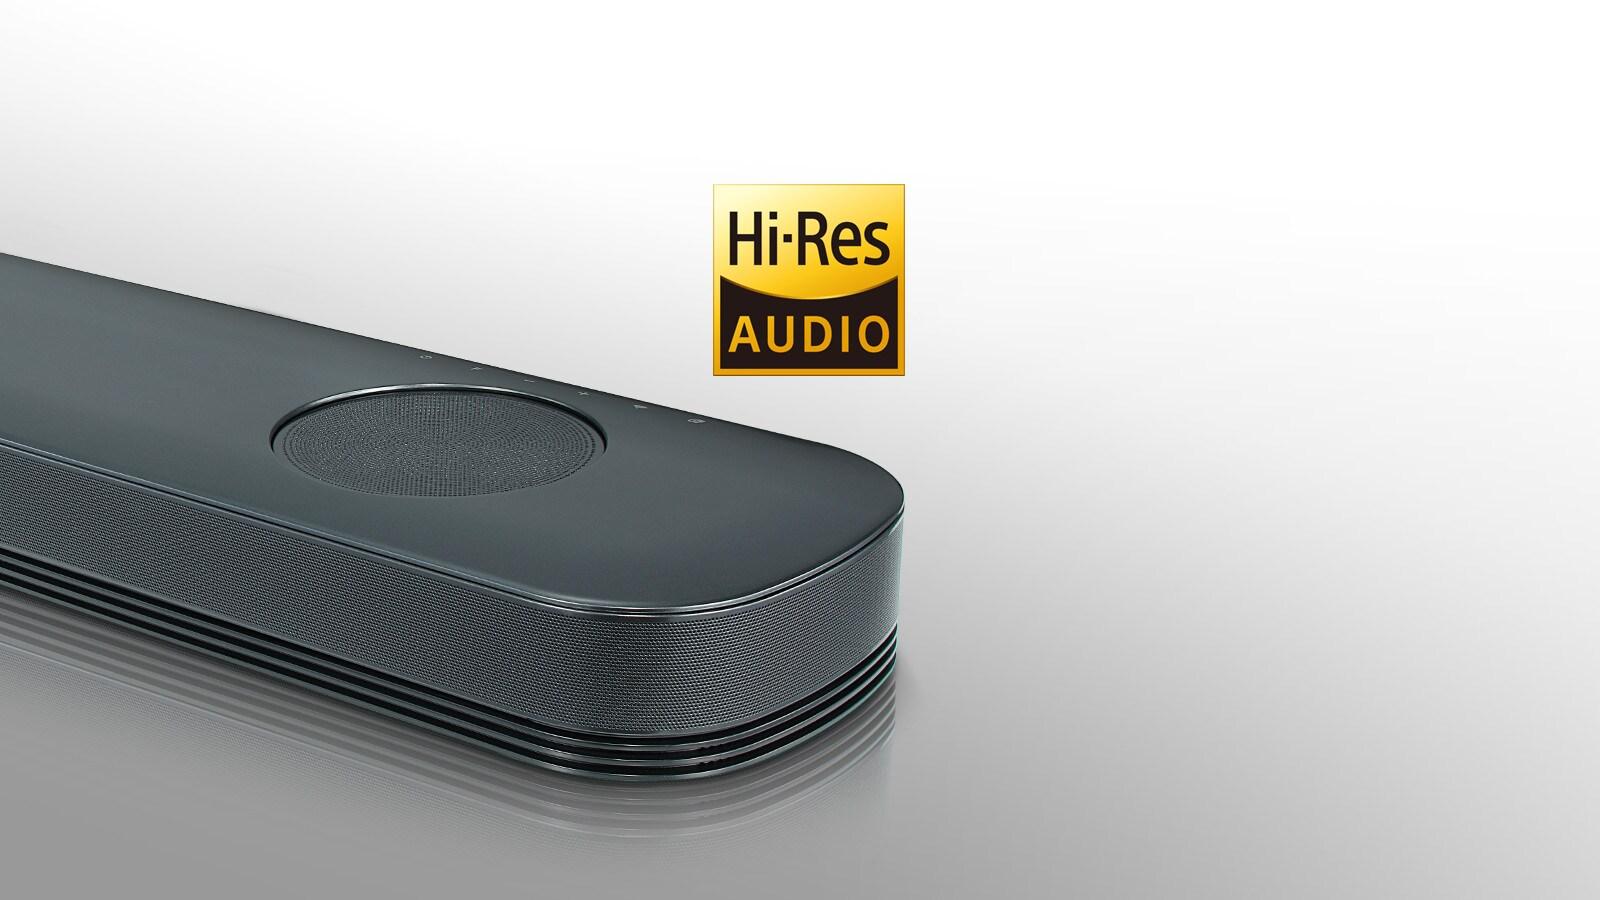 02_SK9Y_High_Resolution_Audio_Desktop